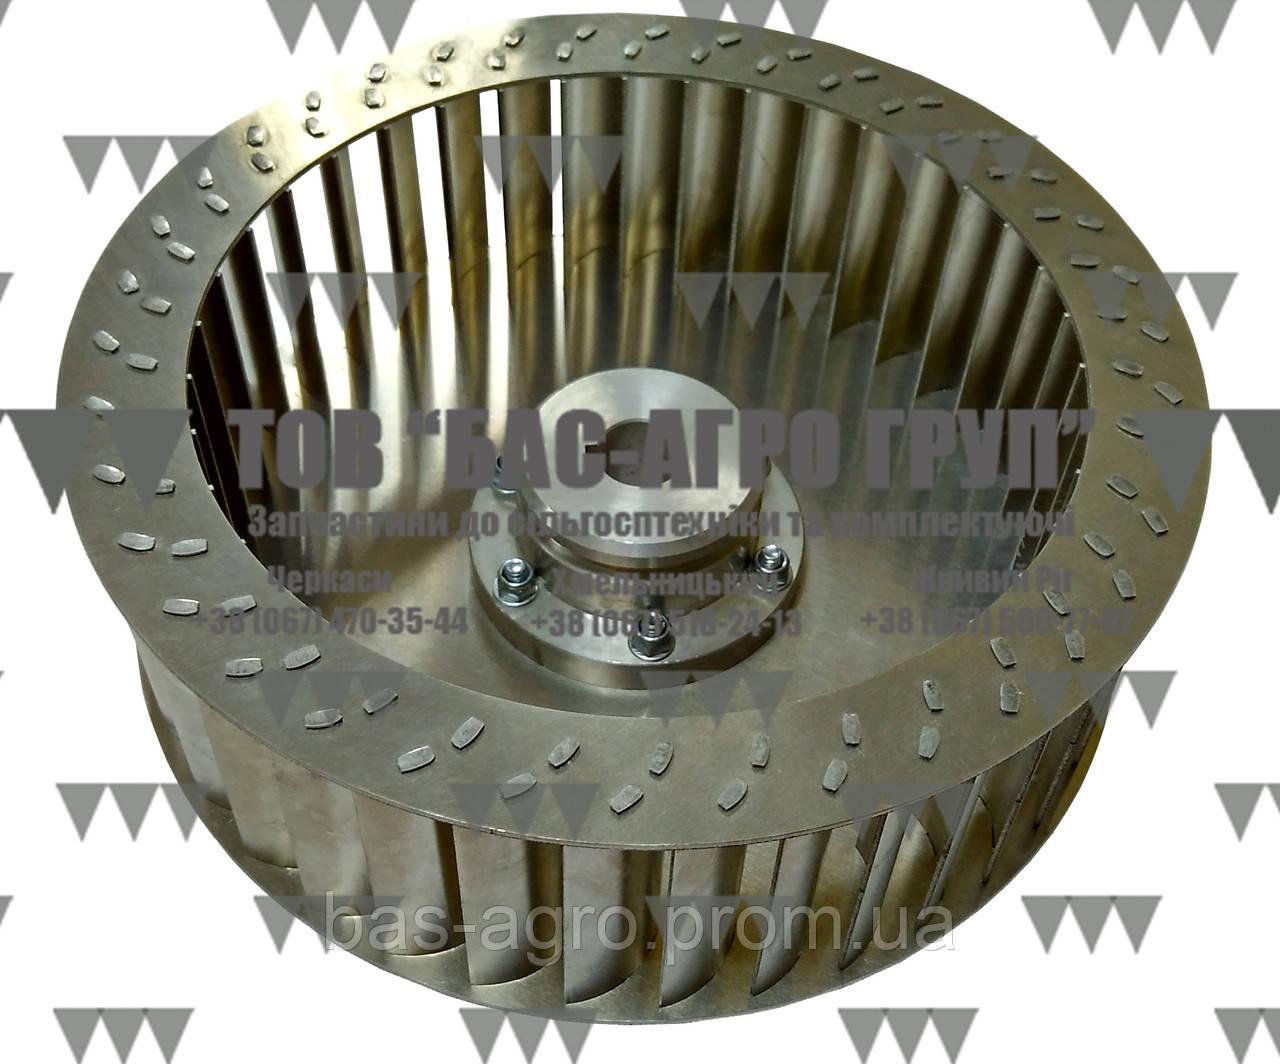 Крыльчатка вентилятора  AC494732 Optima Kvernaland аналог